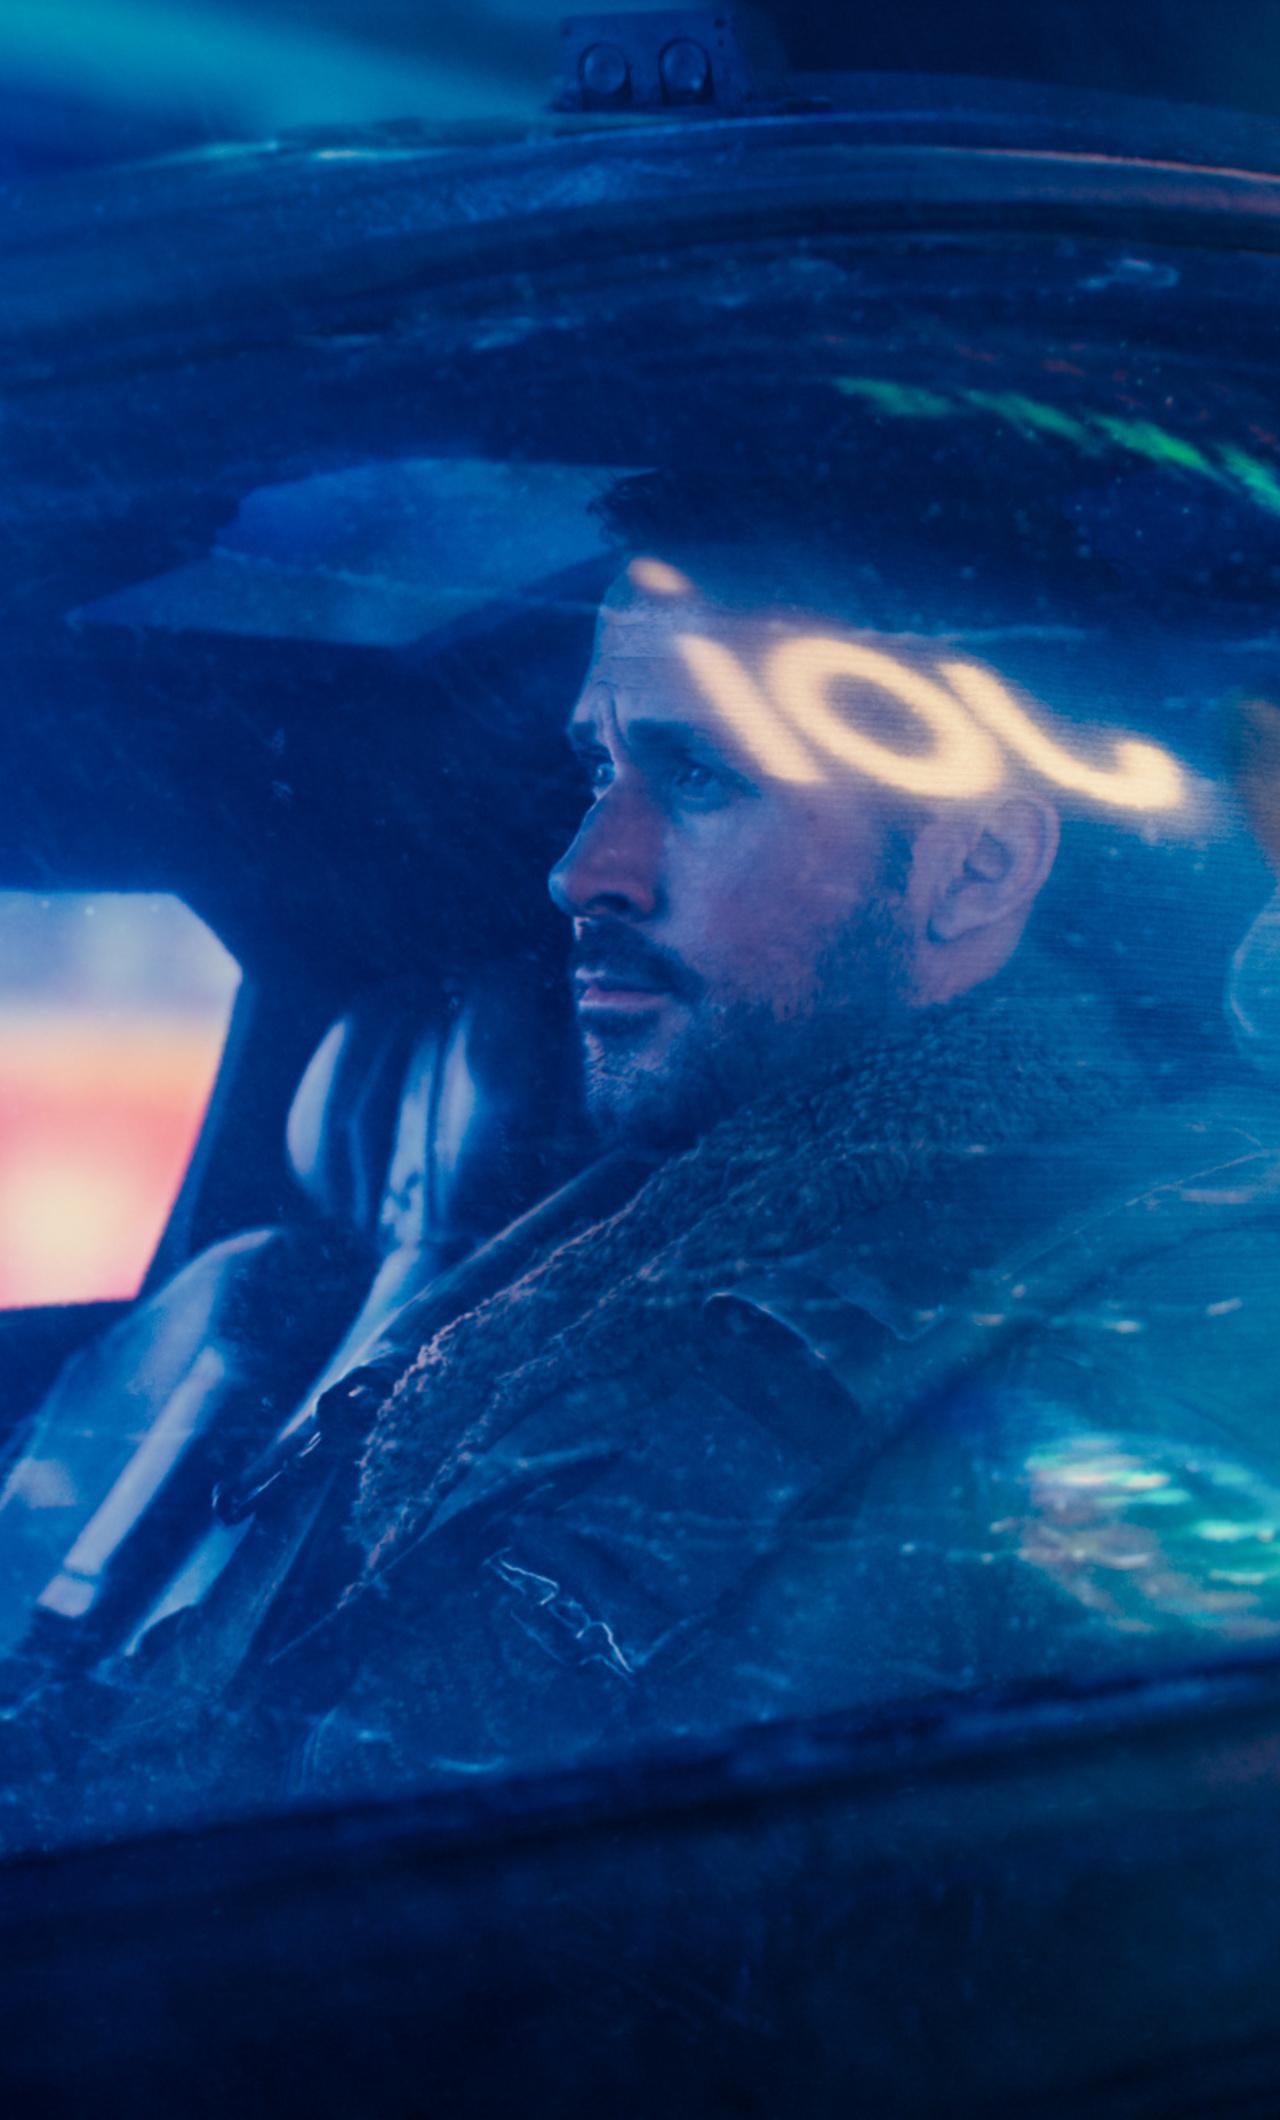 2017-ryan-gosling-blade-runner-2049-8h.jpg